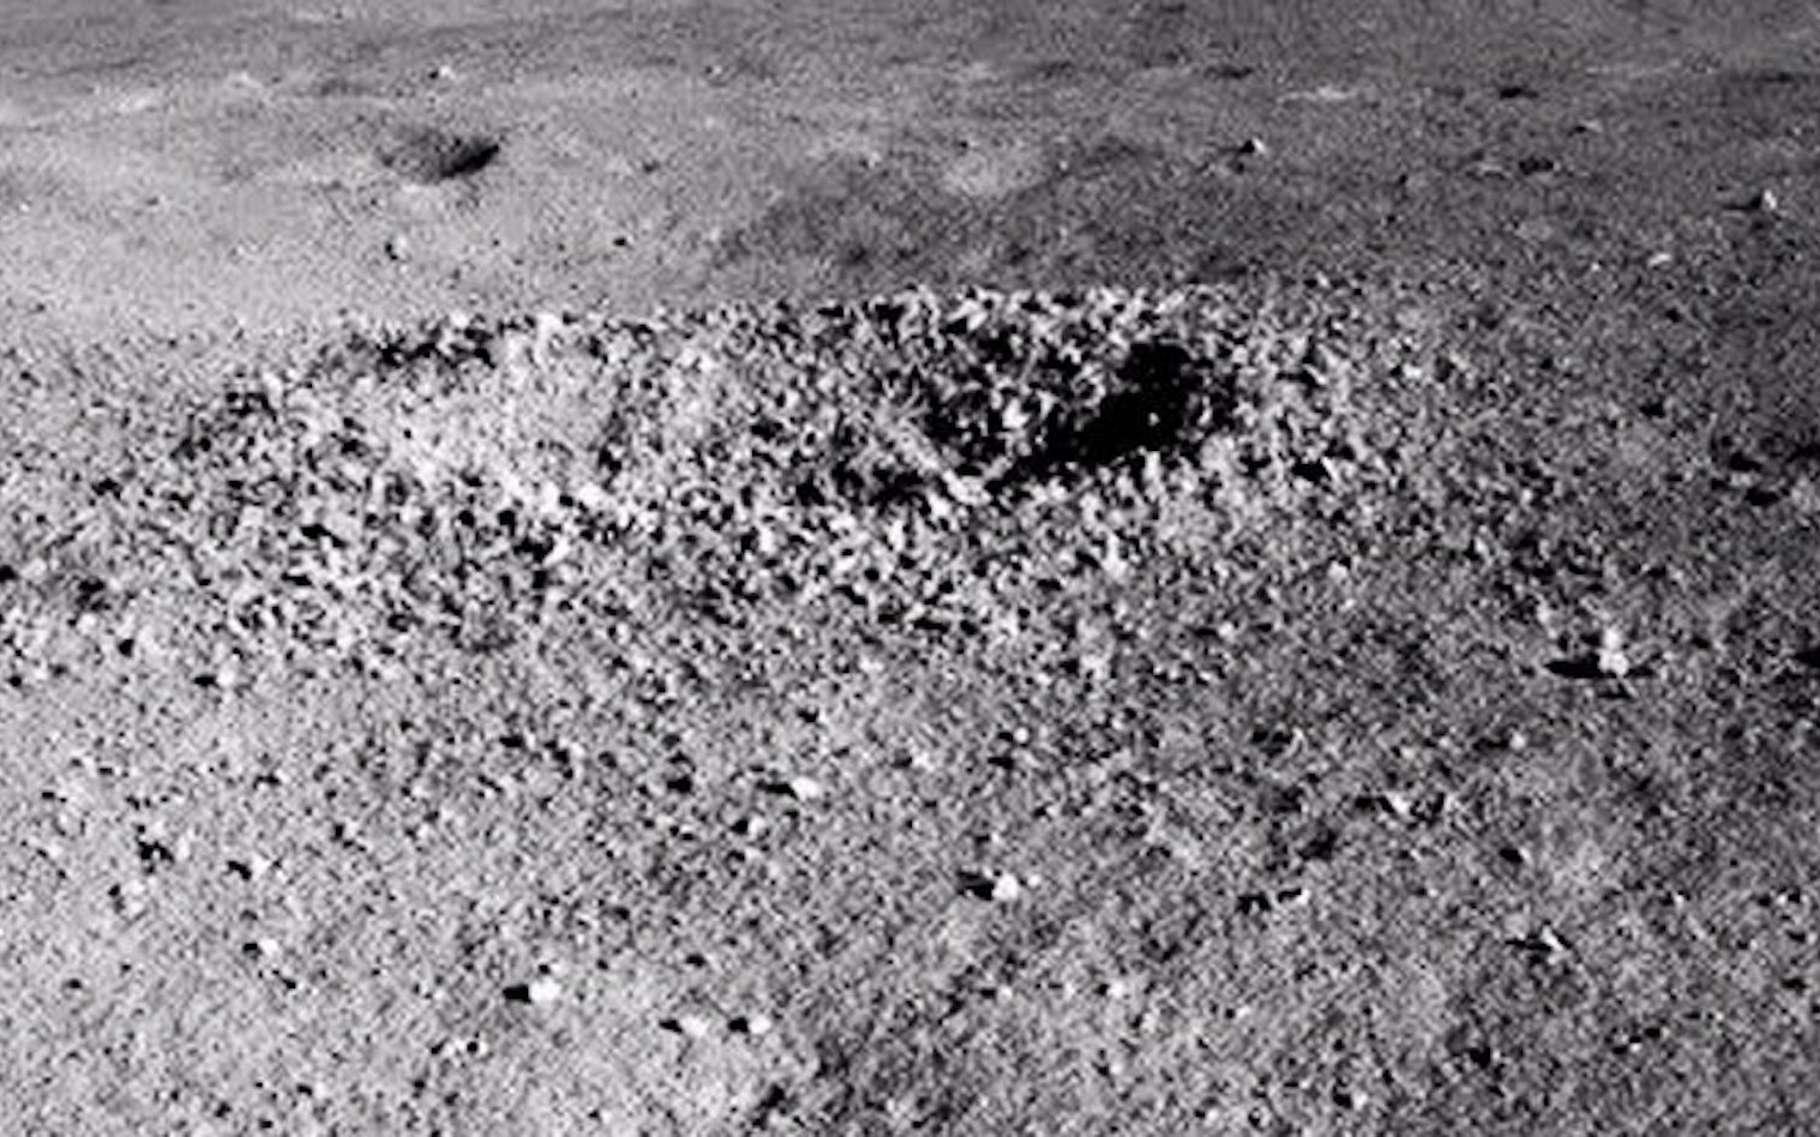 La substance étrange trouvée sur la face cachée de la Lune enfin identifiée